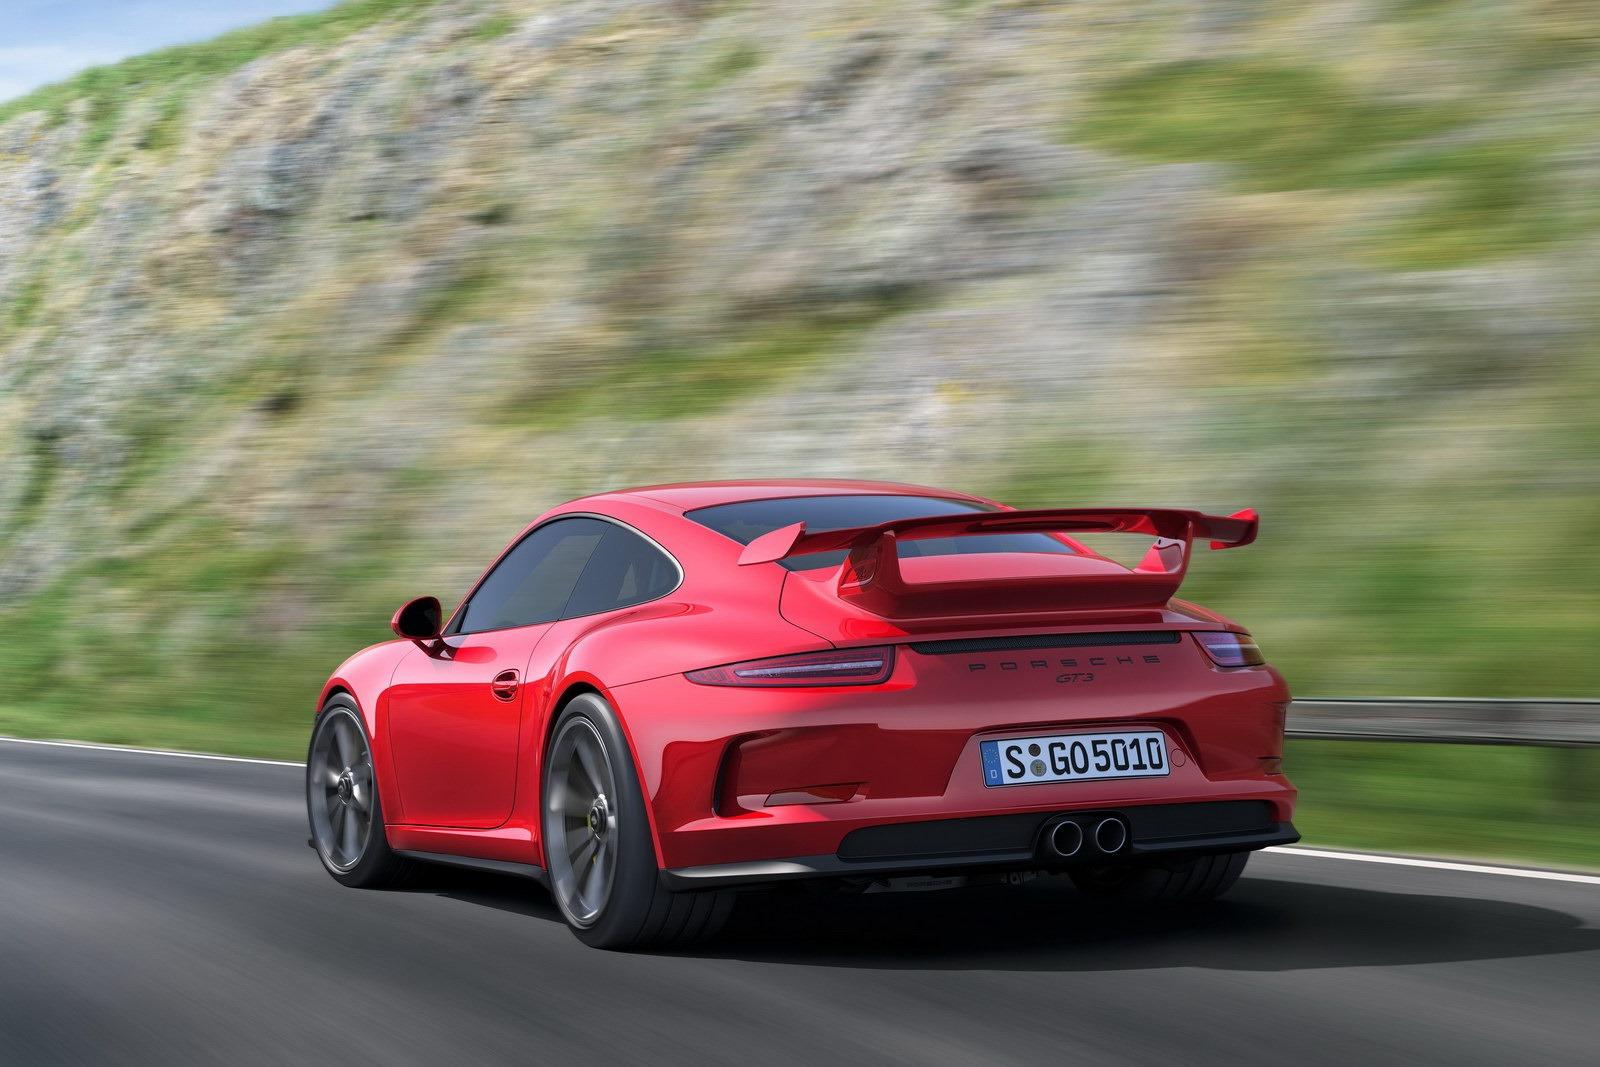 http://www.diseno-art.com/news_content/wp-content/uploads/2013/03/Porsche-991-GT3-5.jpg